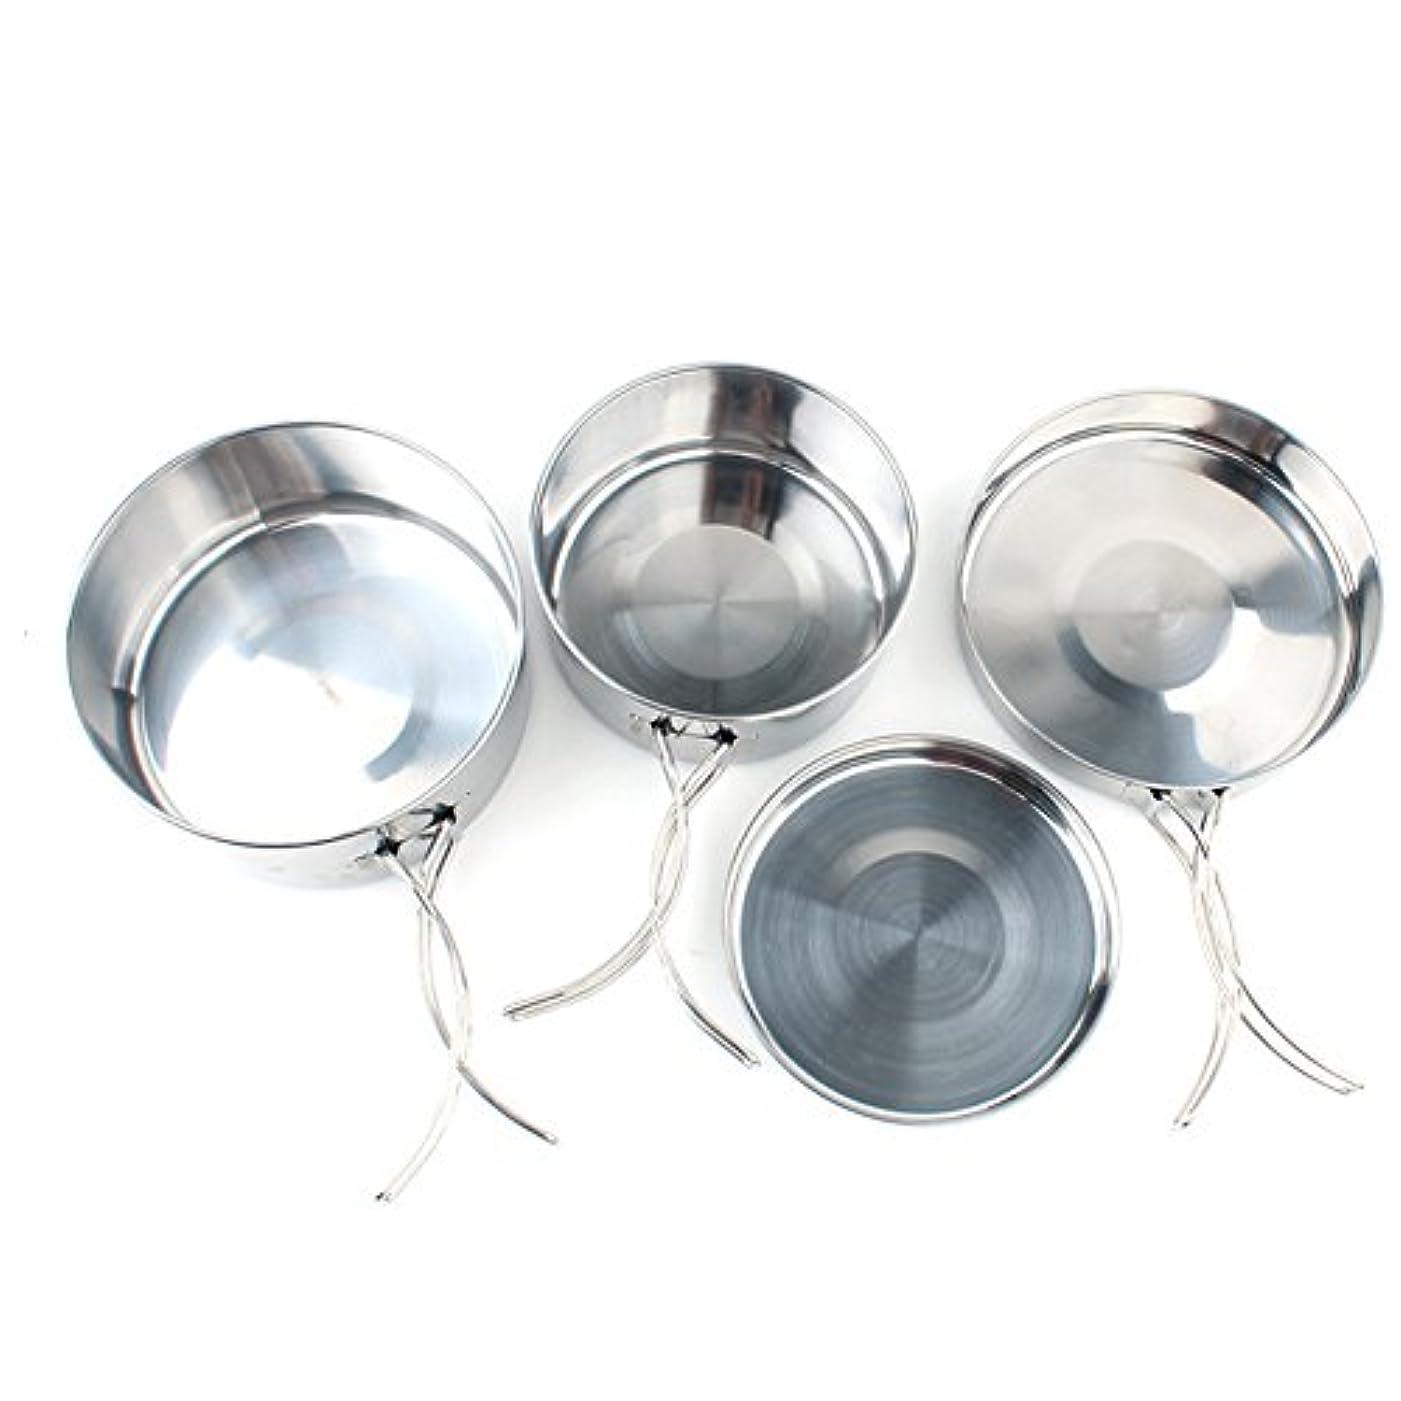 ヒープ拒否希望に満ちたhamulekfae-キャンプ4本のステンレス鋼の深い大鍋ボウルフライパンカバーキッチン調理器具セット